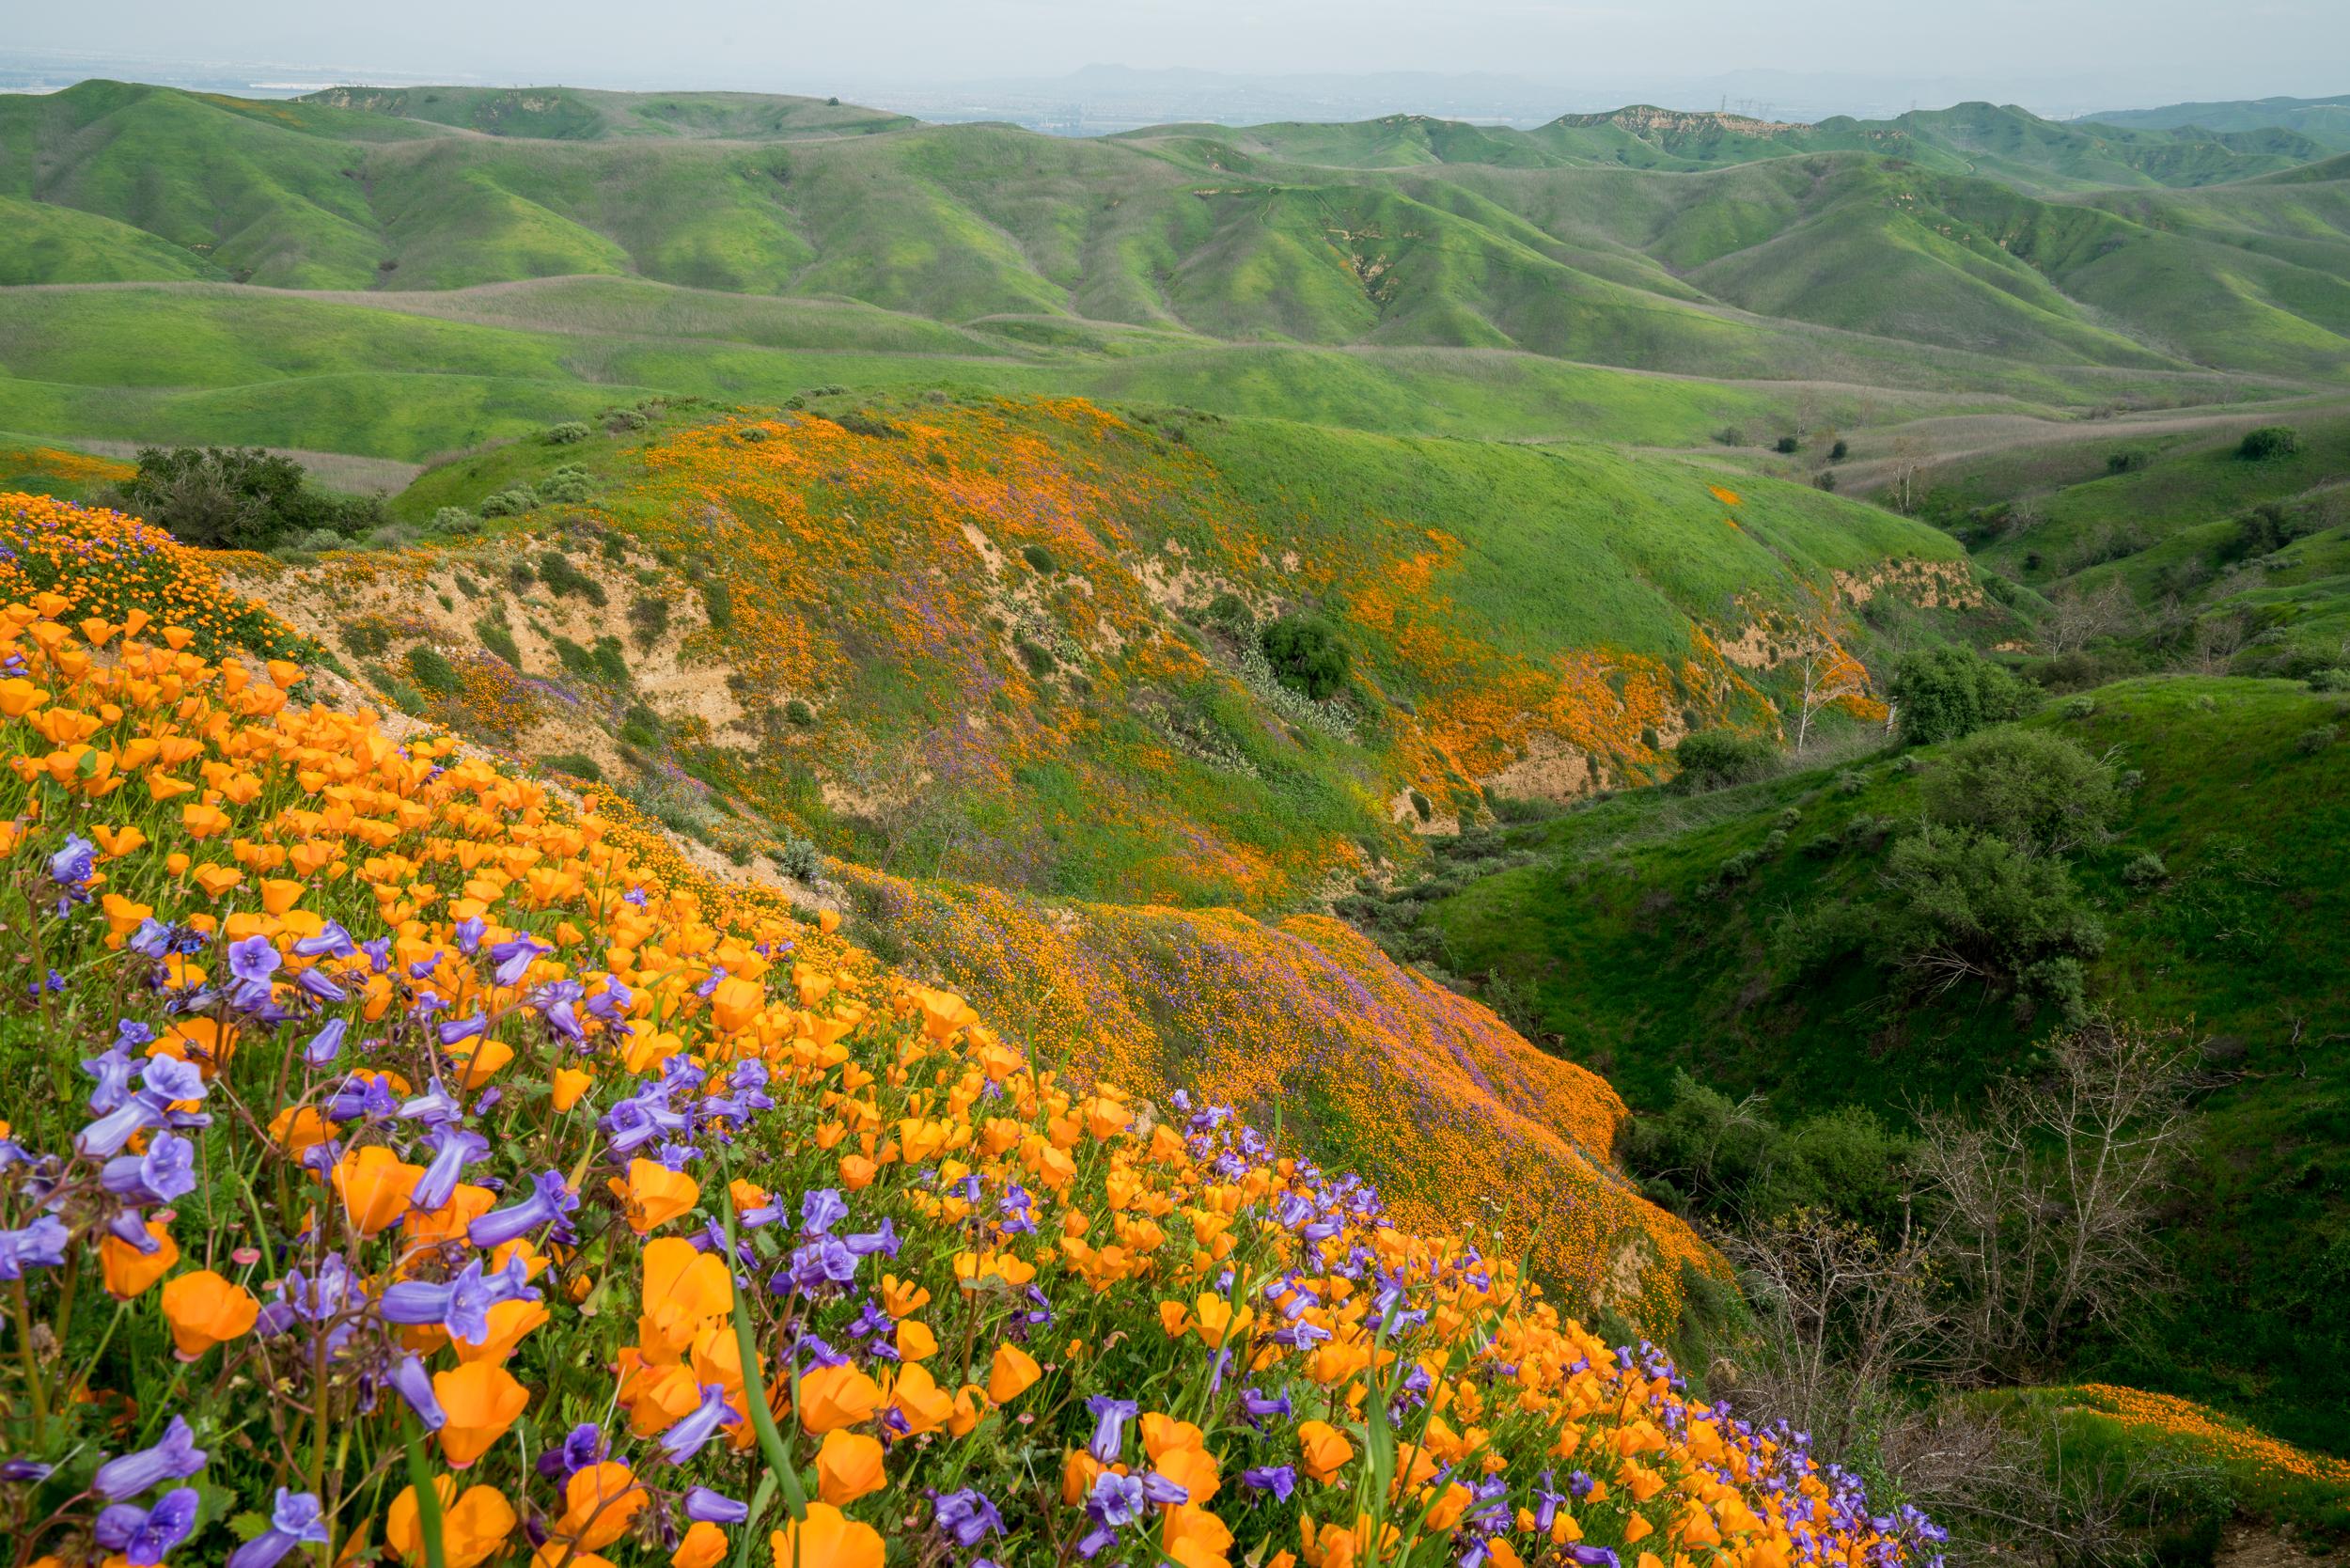 Chino Hills State Park, California 2019